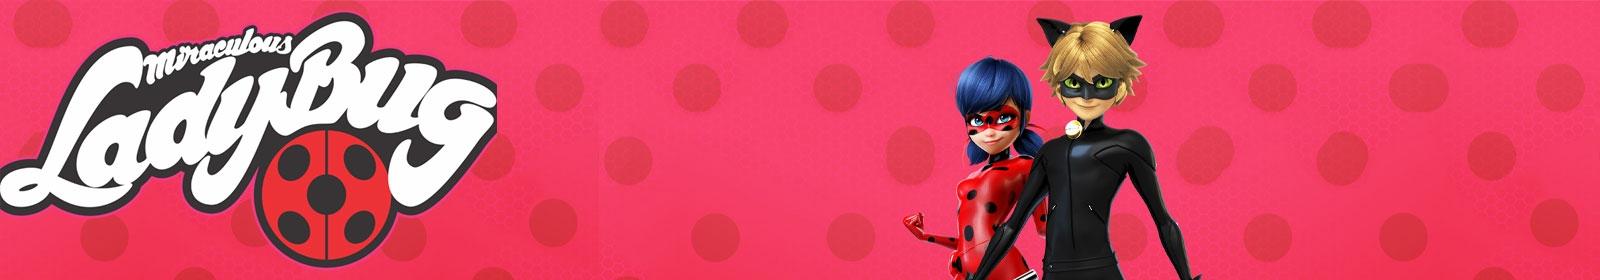 Comprar Juguetes Ladybug online al mejor precio